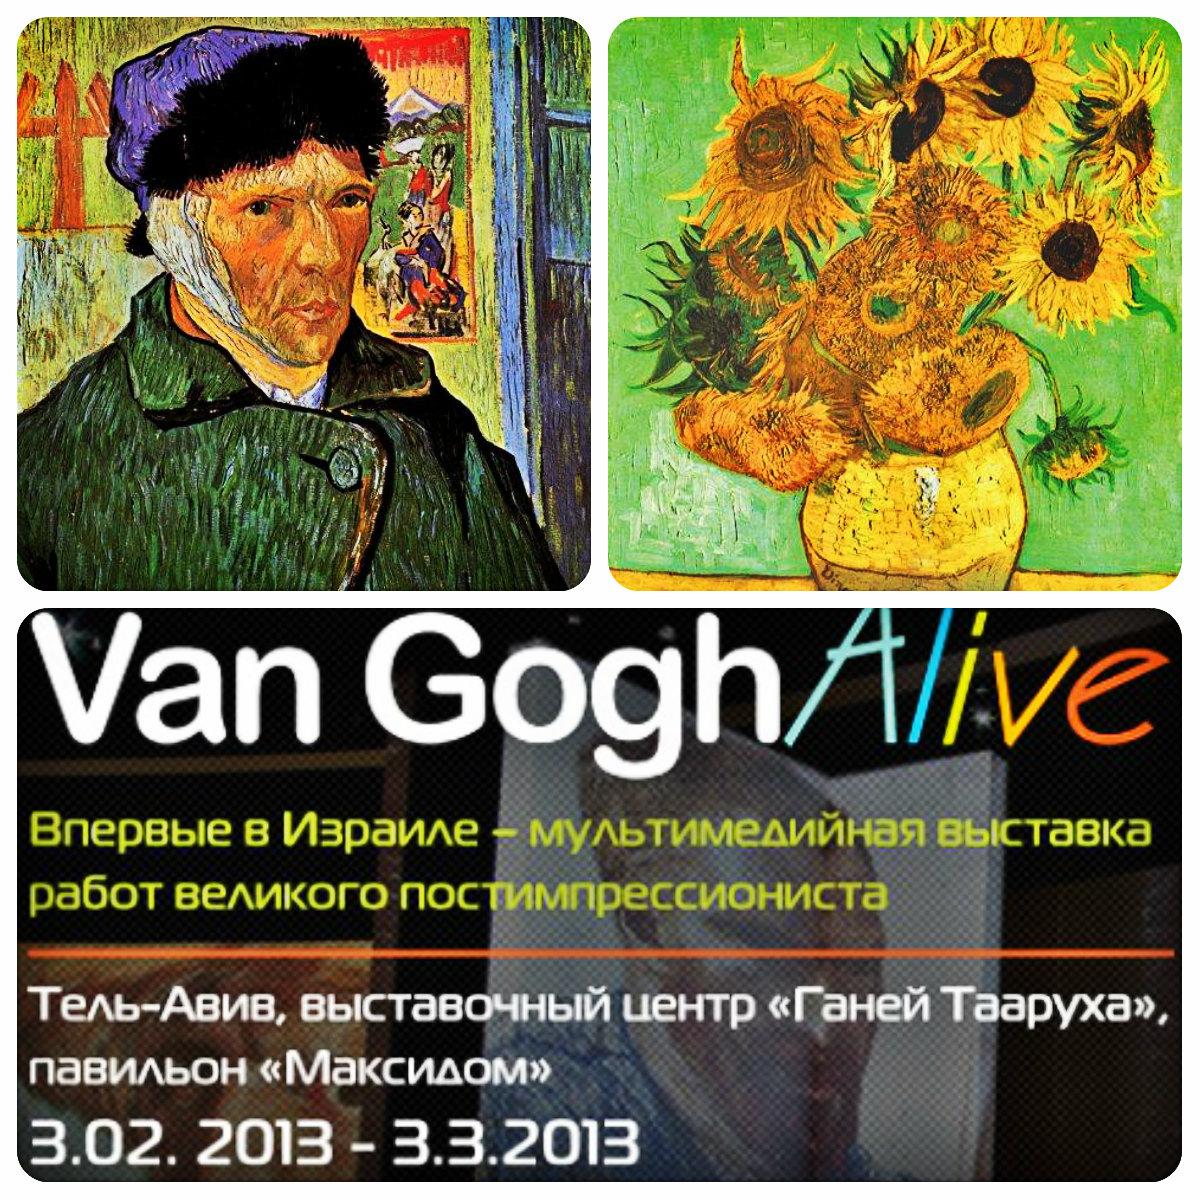 Выставка Van Gogh Alive скидки на билеты